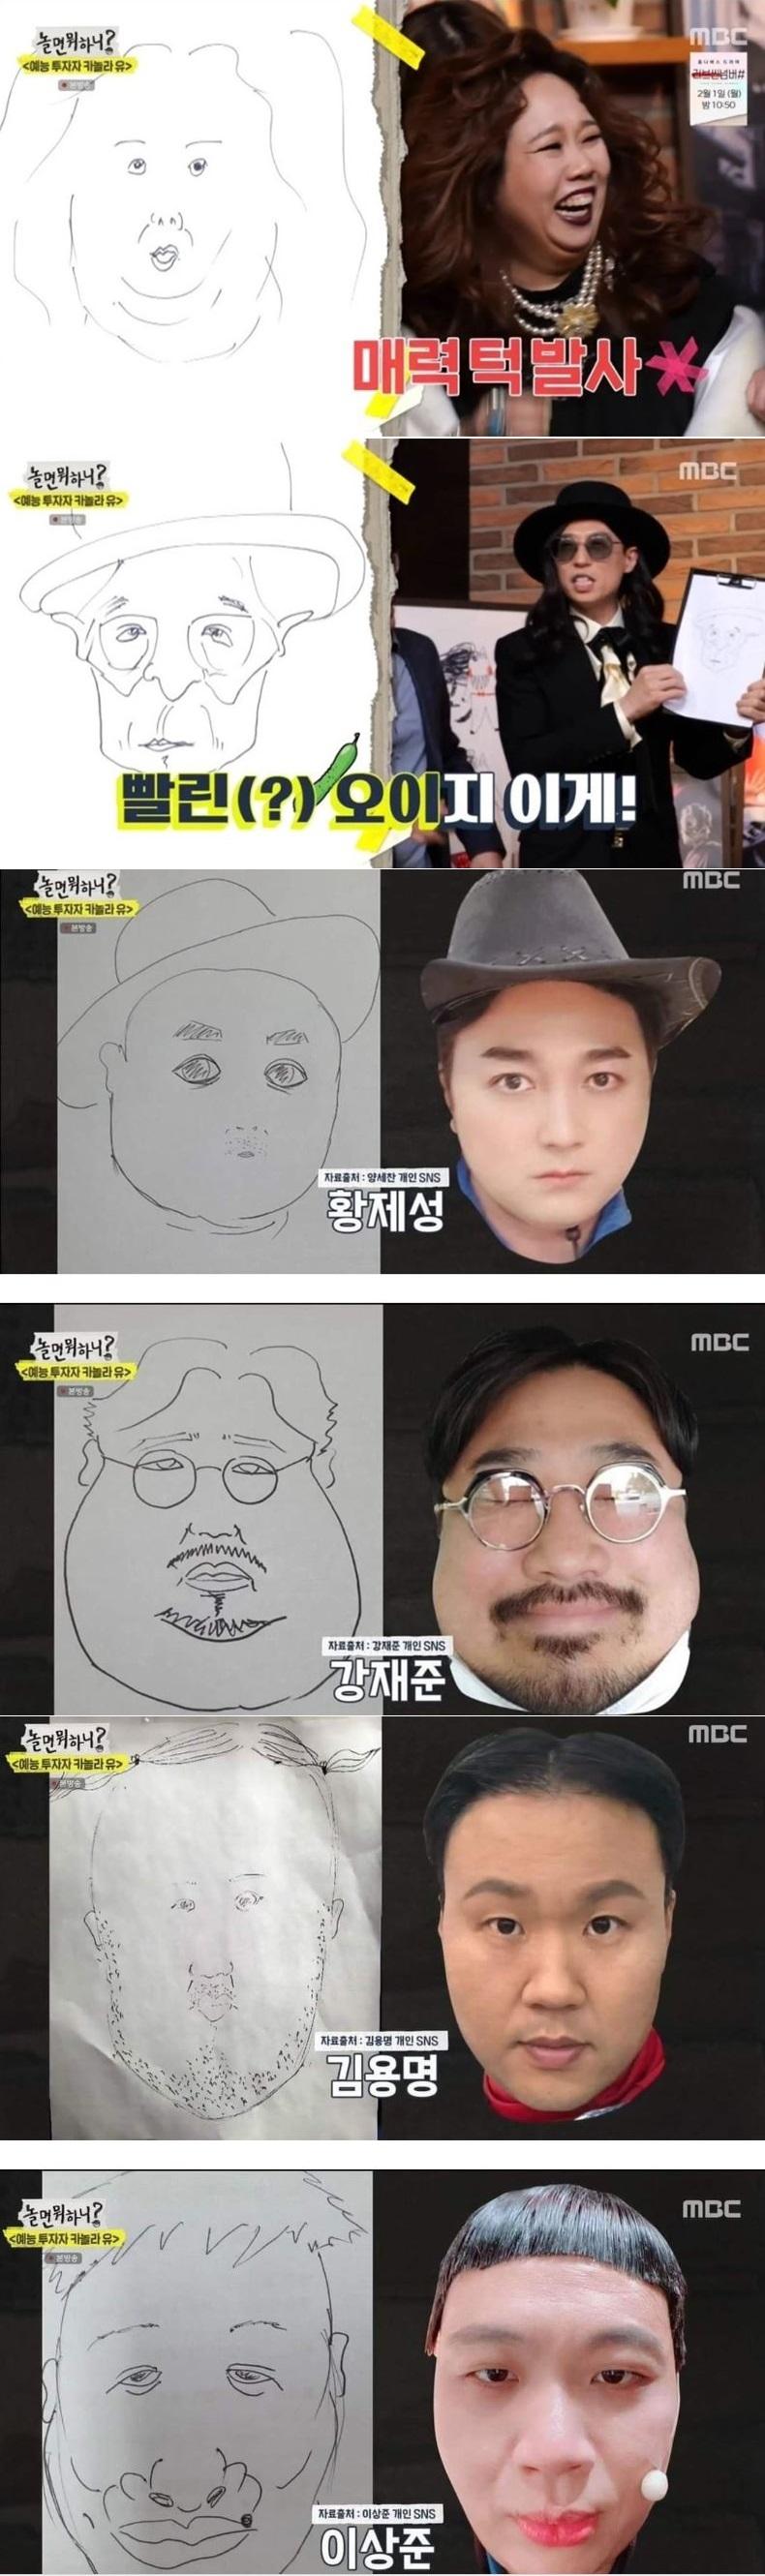 ´놀면 뭐하니´ 하준수, 유재석-홍현희-데프콘 캐리커처 공개 ...